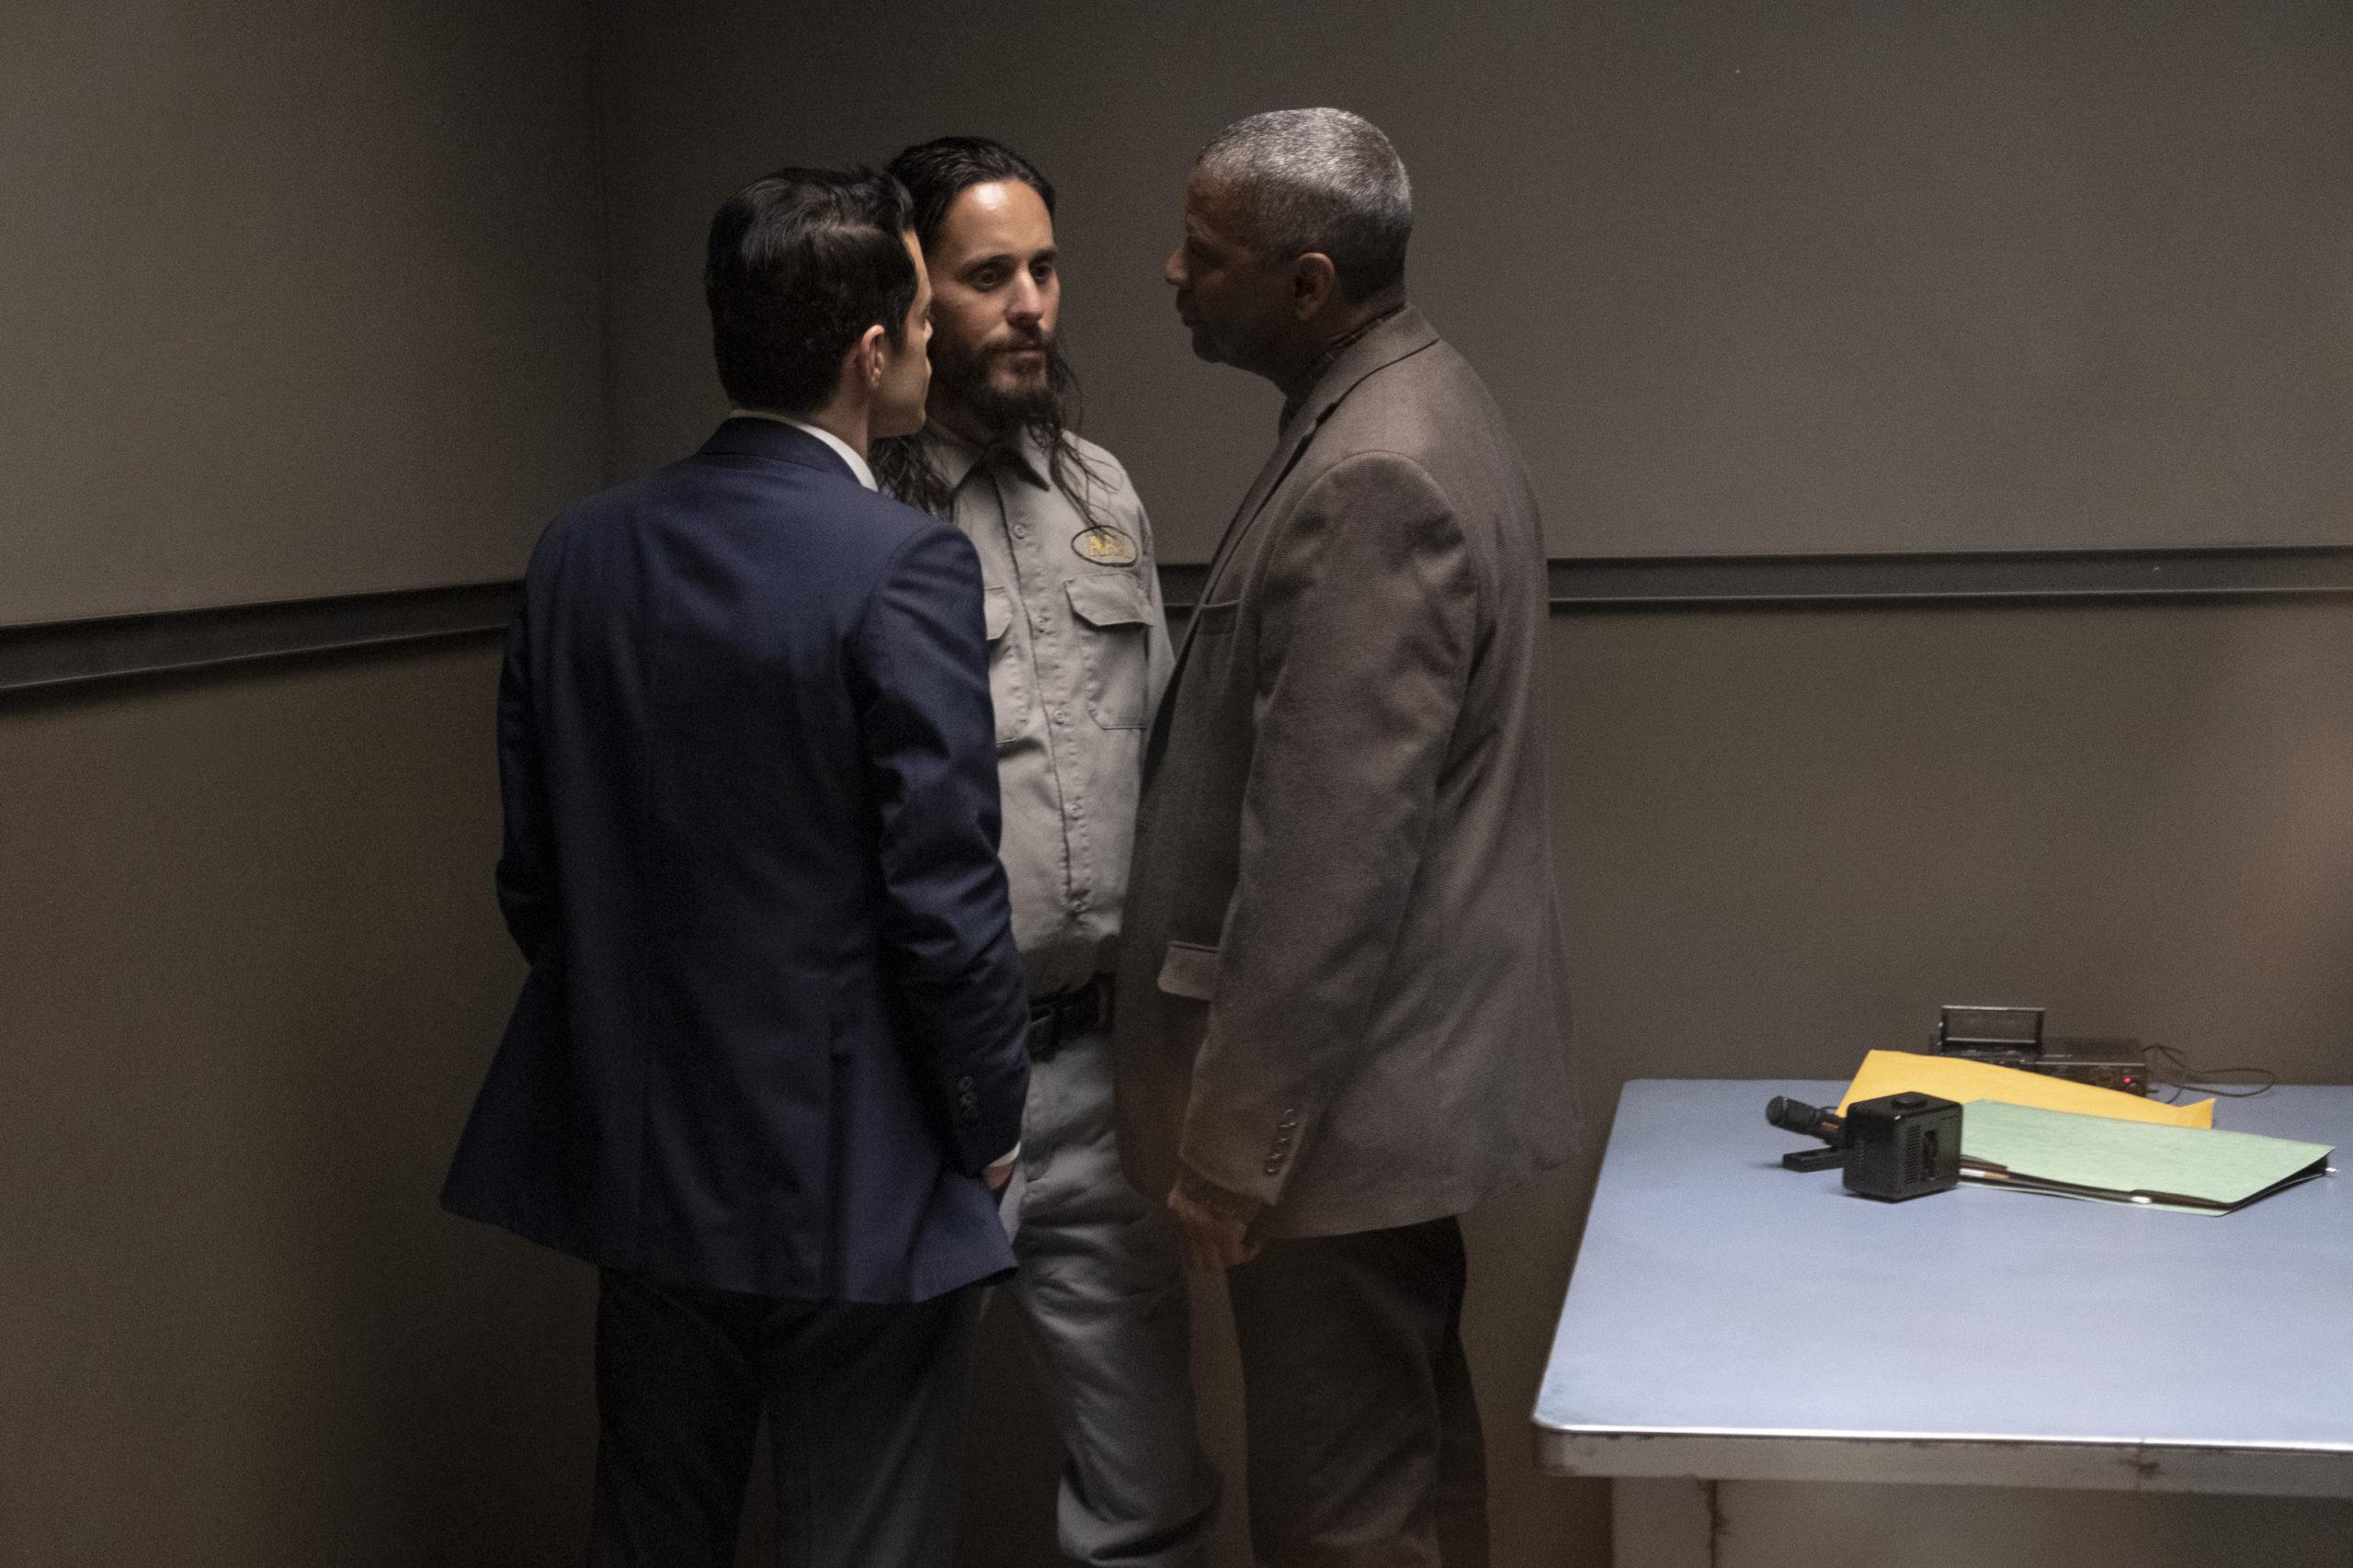 Cena do filme The Little Things. Denzel Washington e Rami Malek encurralam Jared Leto no canto da sala de interrogatório. Denzel é um homem negro de mais de 60 anos, cabelos grisalhos, roupa de policial, bege. Rami é um homem egipcío de 30 anos, veste terno. Jared é um homem branco, de barba e cabelos longos, ele usa roupas cinzas.